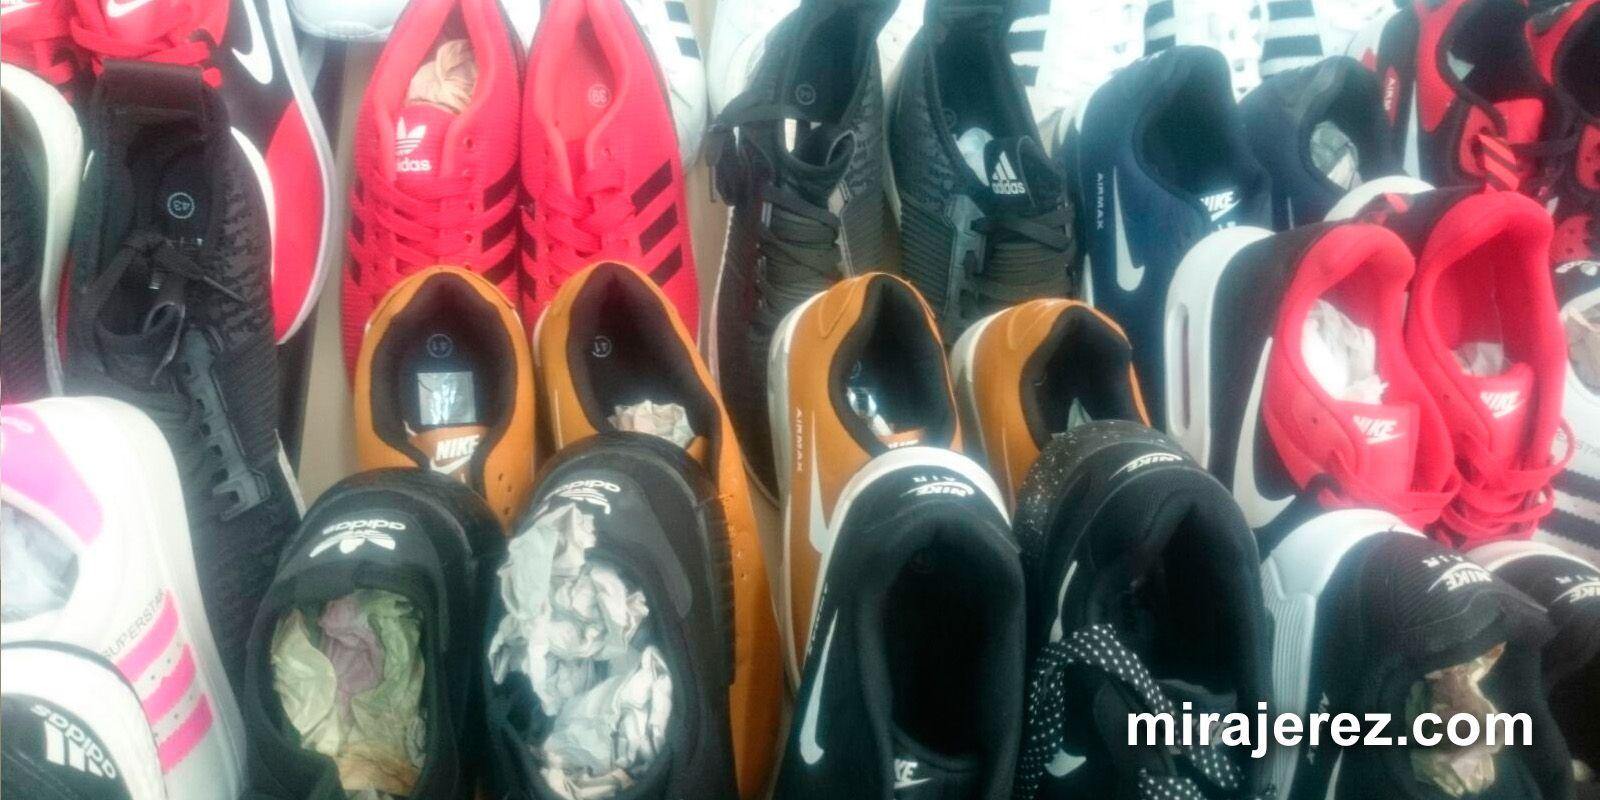 zapatillas de deporte falsificadas Adidas y Nike en Estella - Jerez - 2